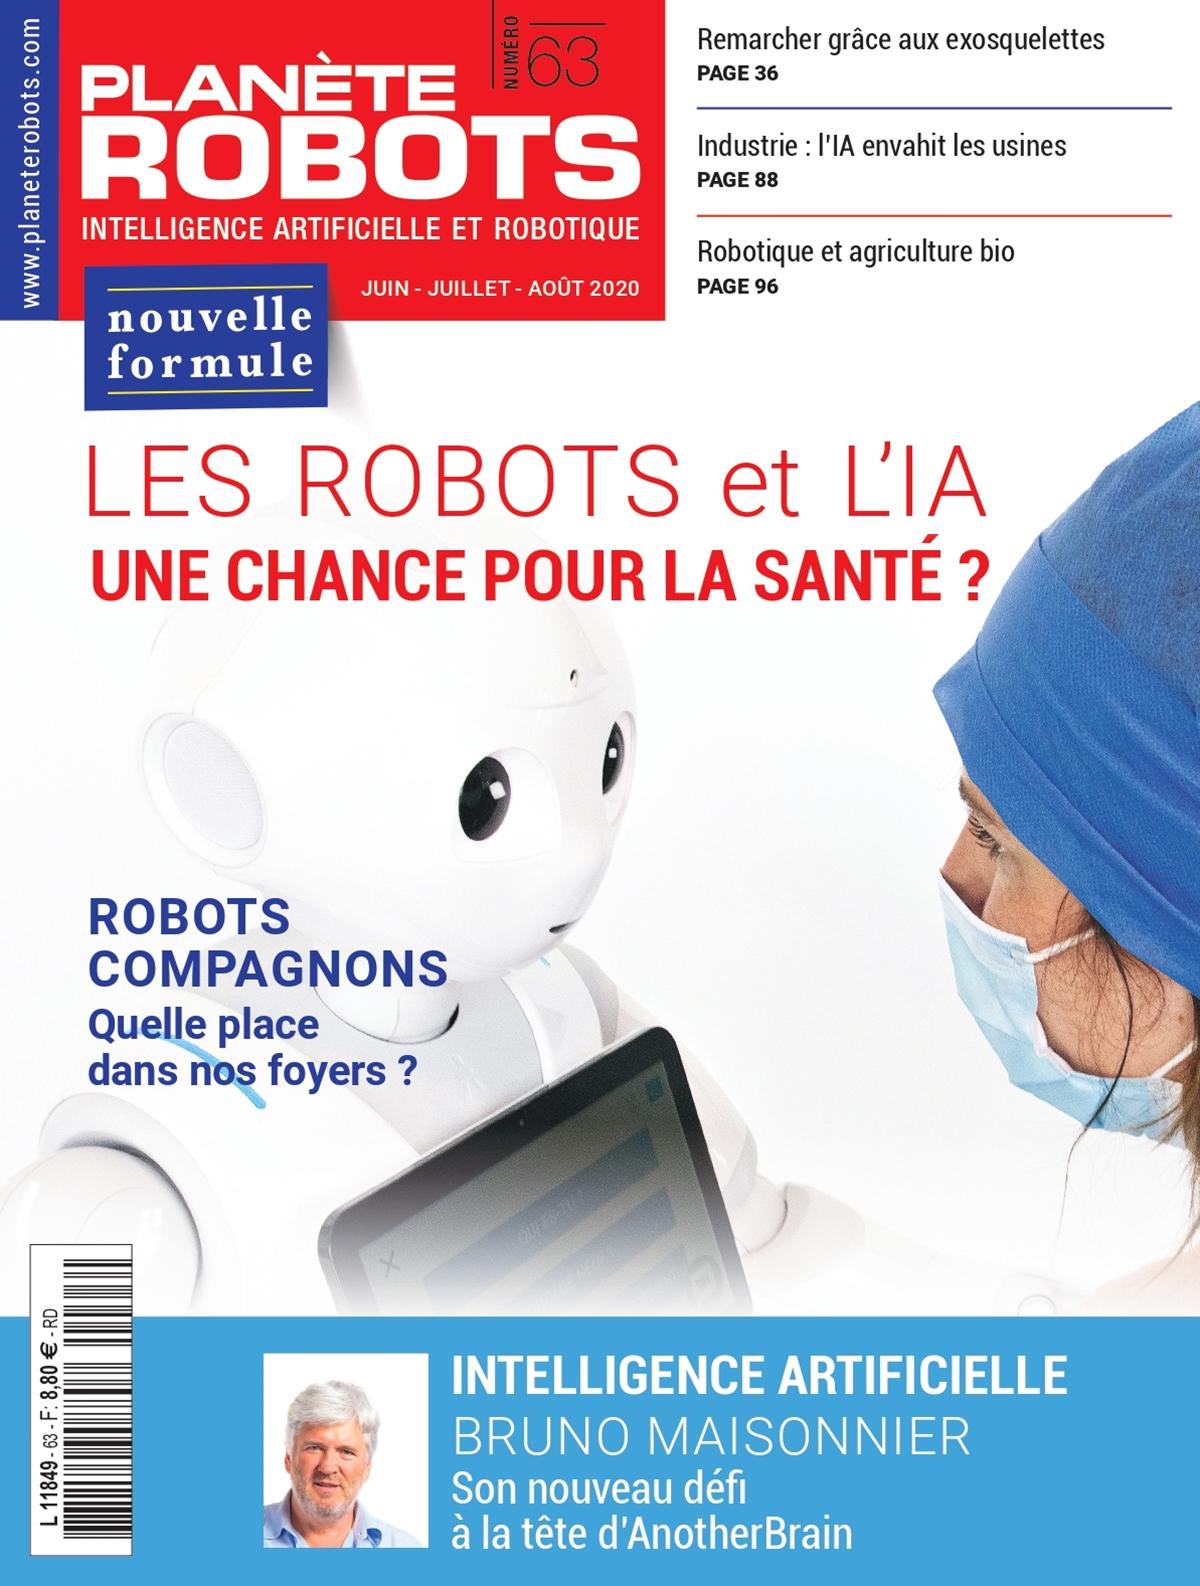 Planète Robots : une nouvelle formule sous le signe de l'intelligence artificielle